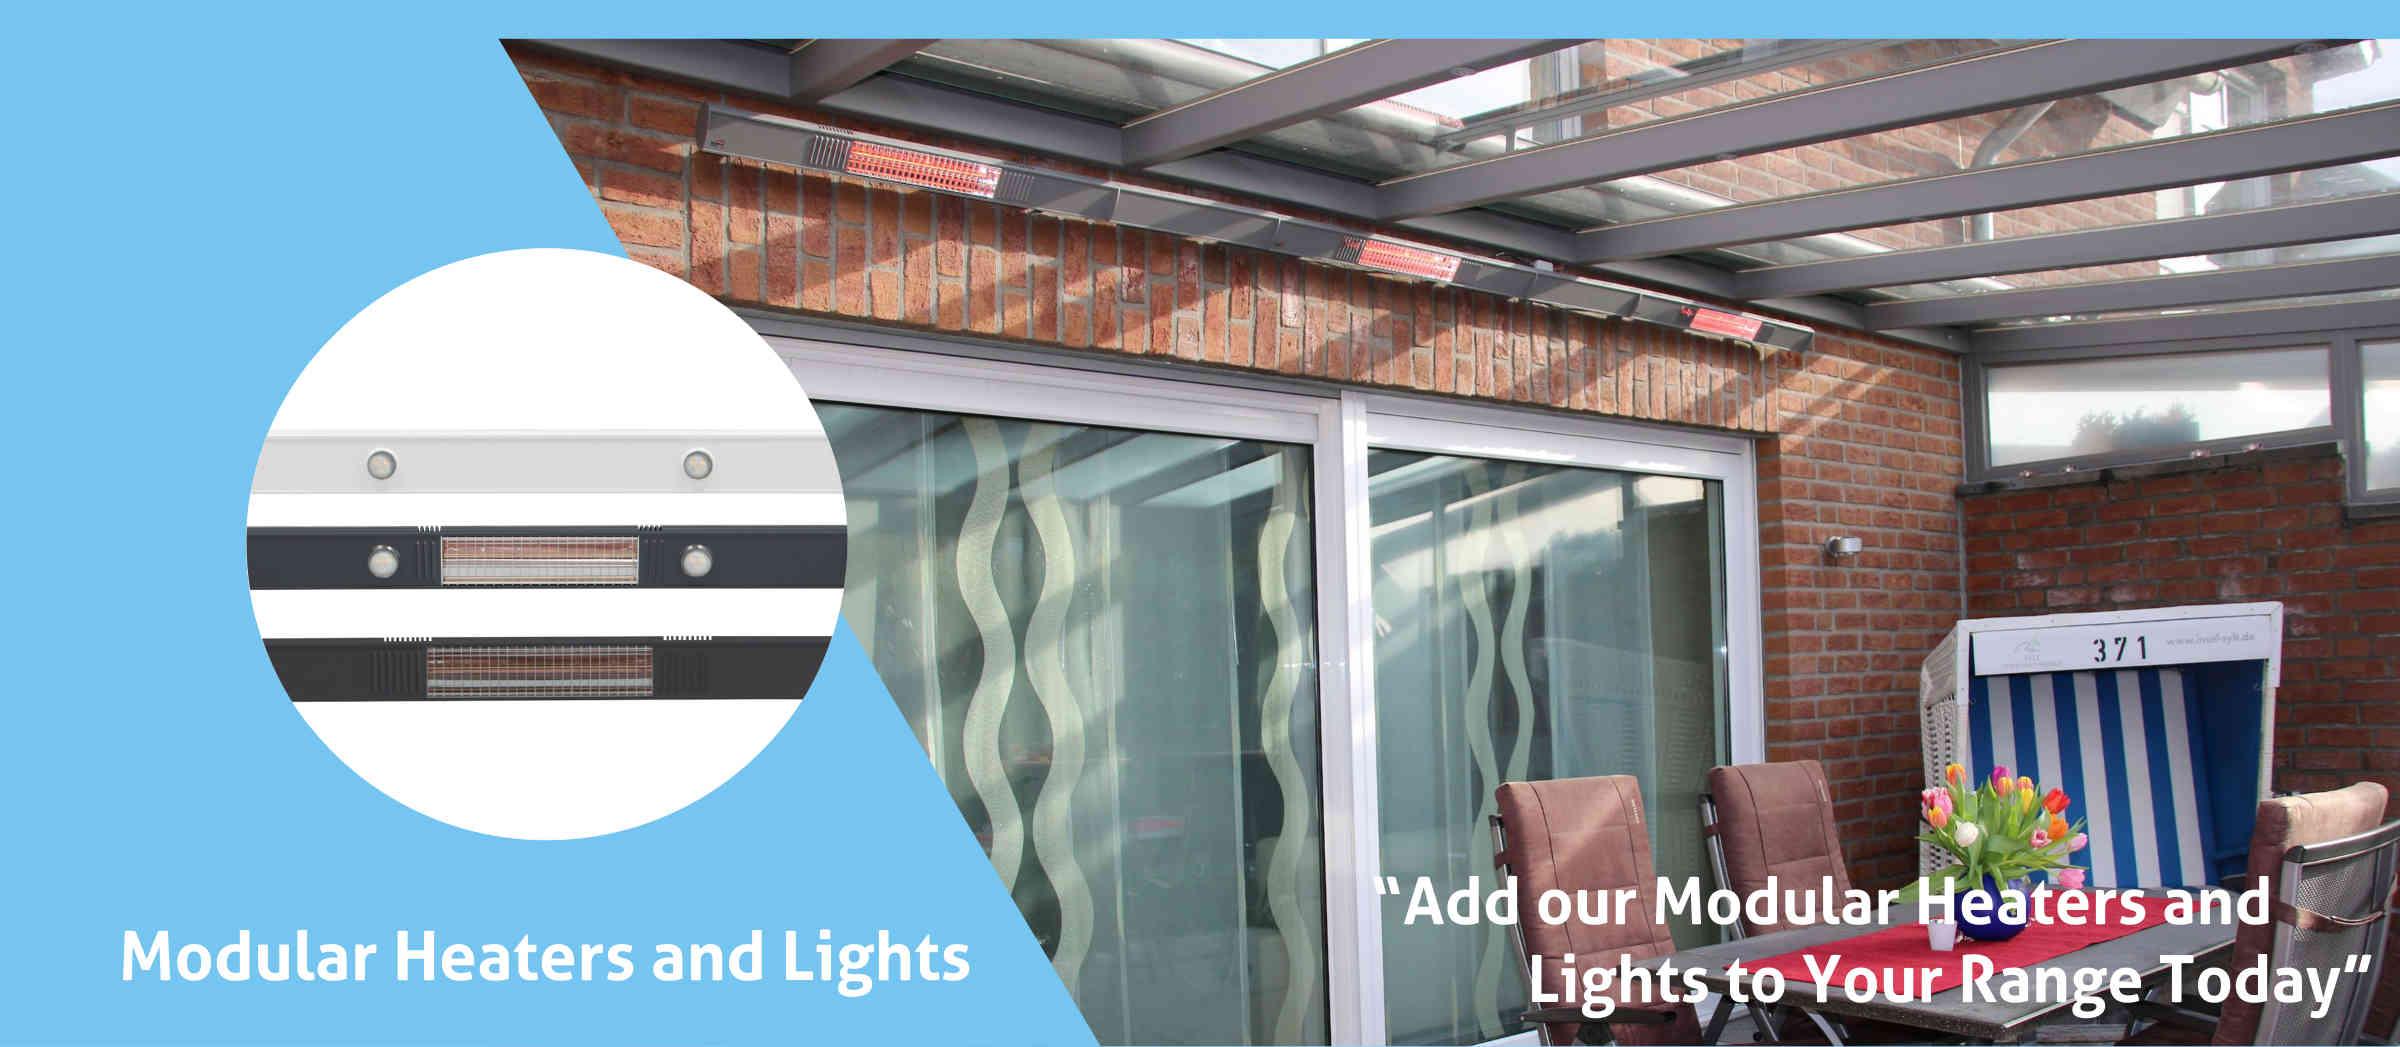 Modular Heating and Lighting